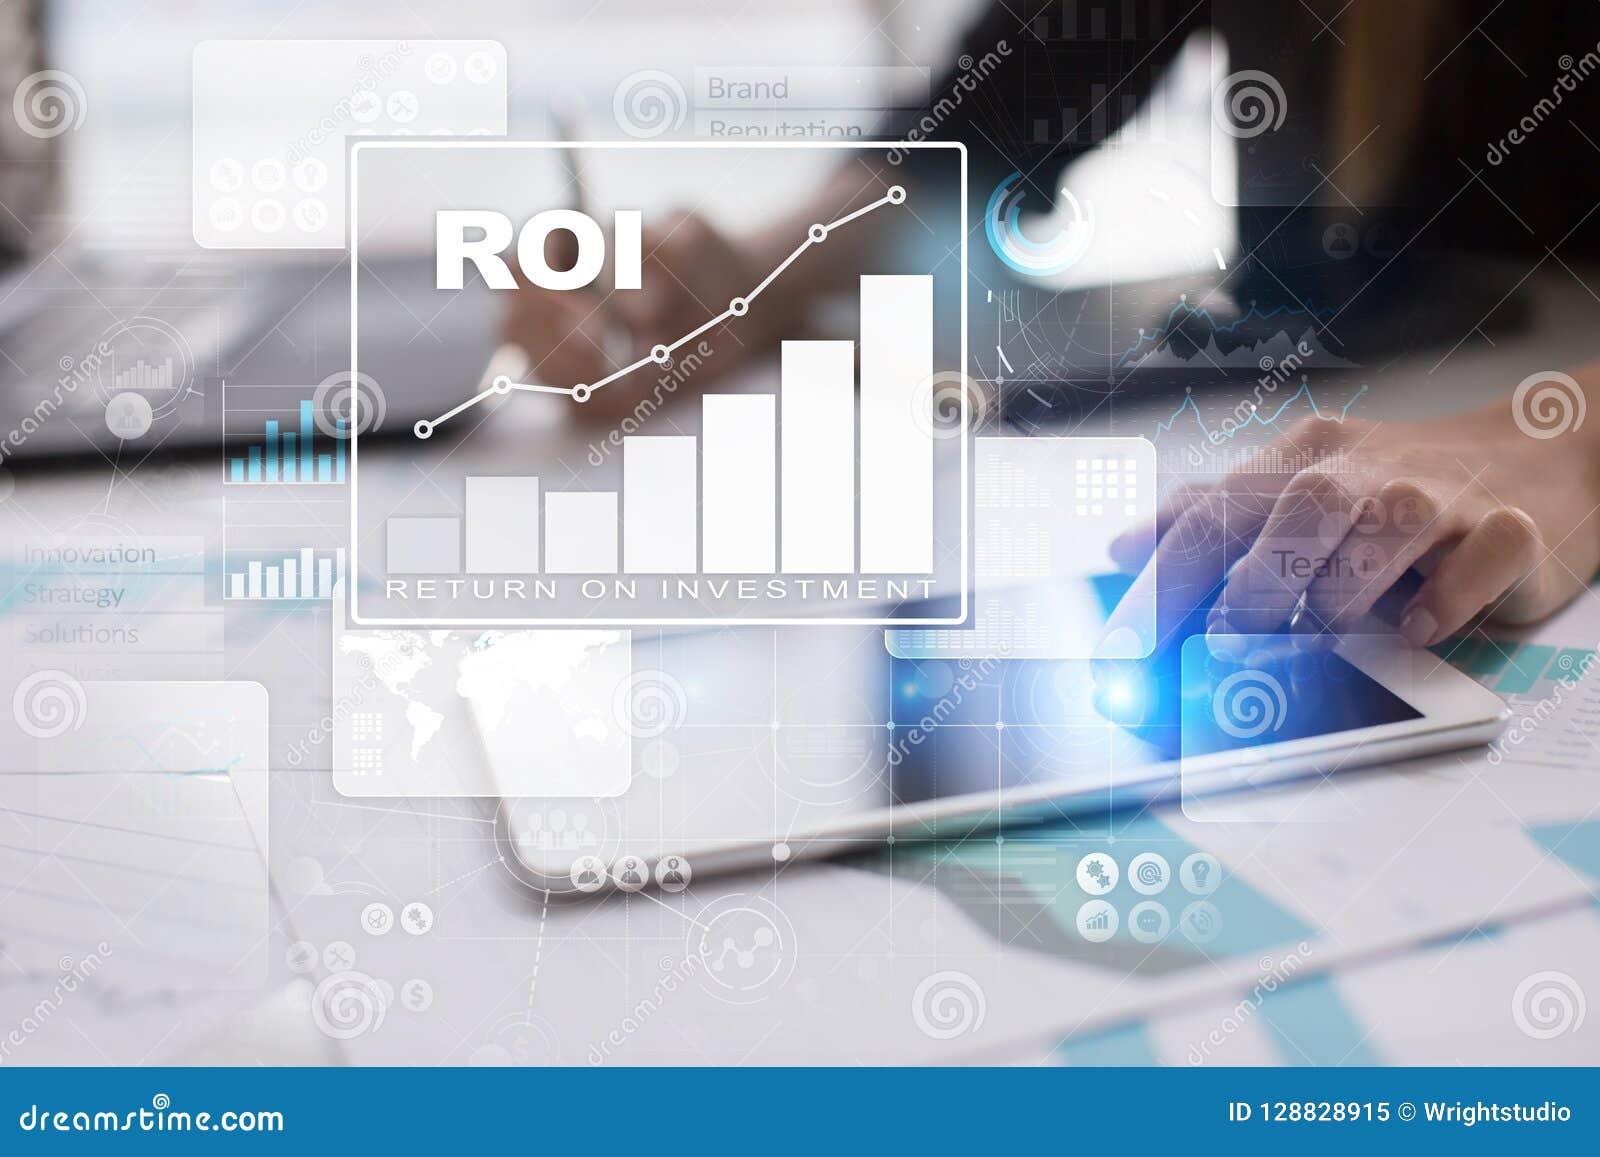 Диаграмма ROI, рентабельность инвестиций, фондовая биржа и торгуя дело и концепция интернета